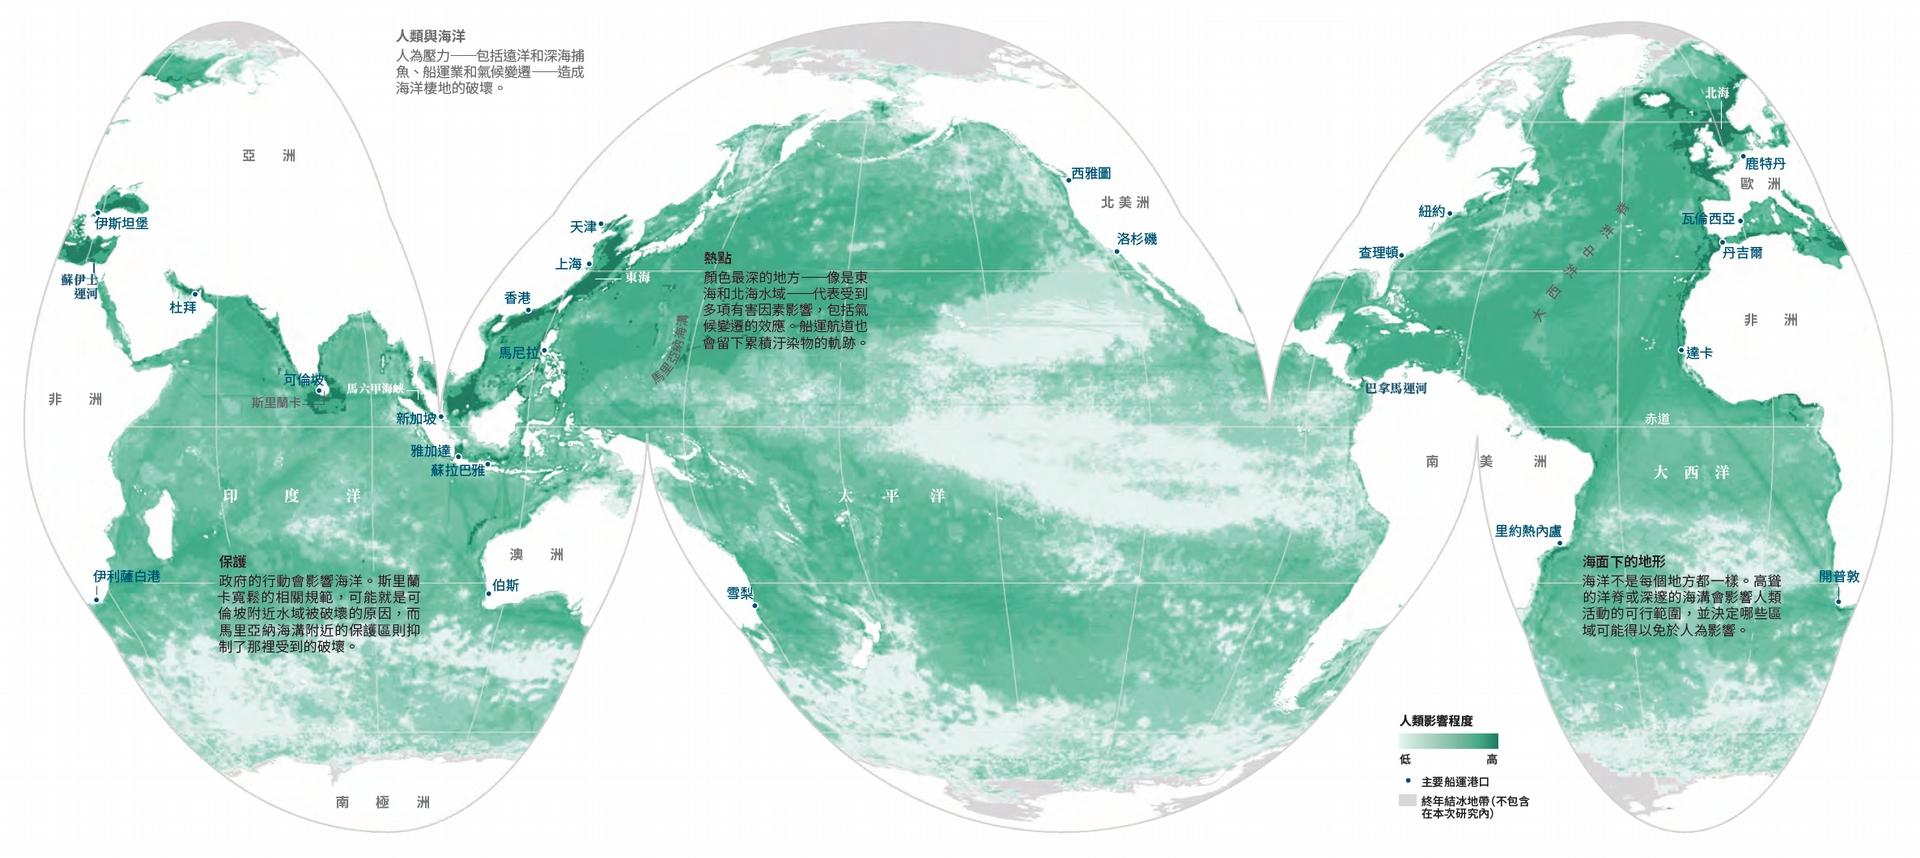 """保護 政府的行動會影響海洋。斯里蘭卡寬鬆的相關規範,可能就是可倫坡附近水域被破壞的原因,而馬里亞納海溝附近的保護區則抑制了那裡受到的破壞。  熱點 顏色最深的地方――像是東海和北海水域――代表受到多項有害因素影響,包括氣候變遷的效應。船運航道也會留下累積汙染物的軌跡。  海面下的地形 海洋不是每個地方都一樣。高聳的洋脊或深邃的海溝會影響人類活動的可行範圍,並決定哪些區域可能得以免於人為影響。  NGM MAPS. SOURCE: """"SPATIAL AND TEMPORAL CHANGES IN CUMULATIVE HUMAN IMPACTS ON THE WORLD'S OCEAN,""""BEN S. HALPERN AND OTHERS, NATURE COMMUNICATIONS; UNEP-WCMC, WORLD DATABASE ON PROTECTED AREAS (2016)"""